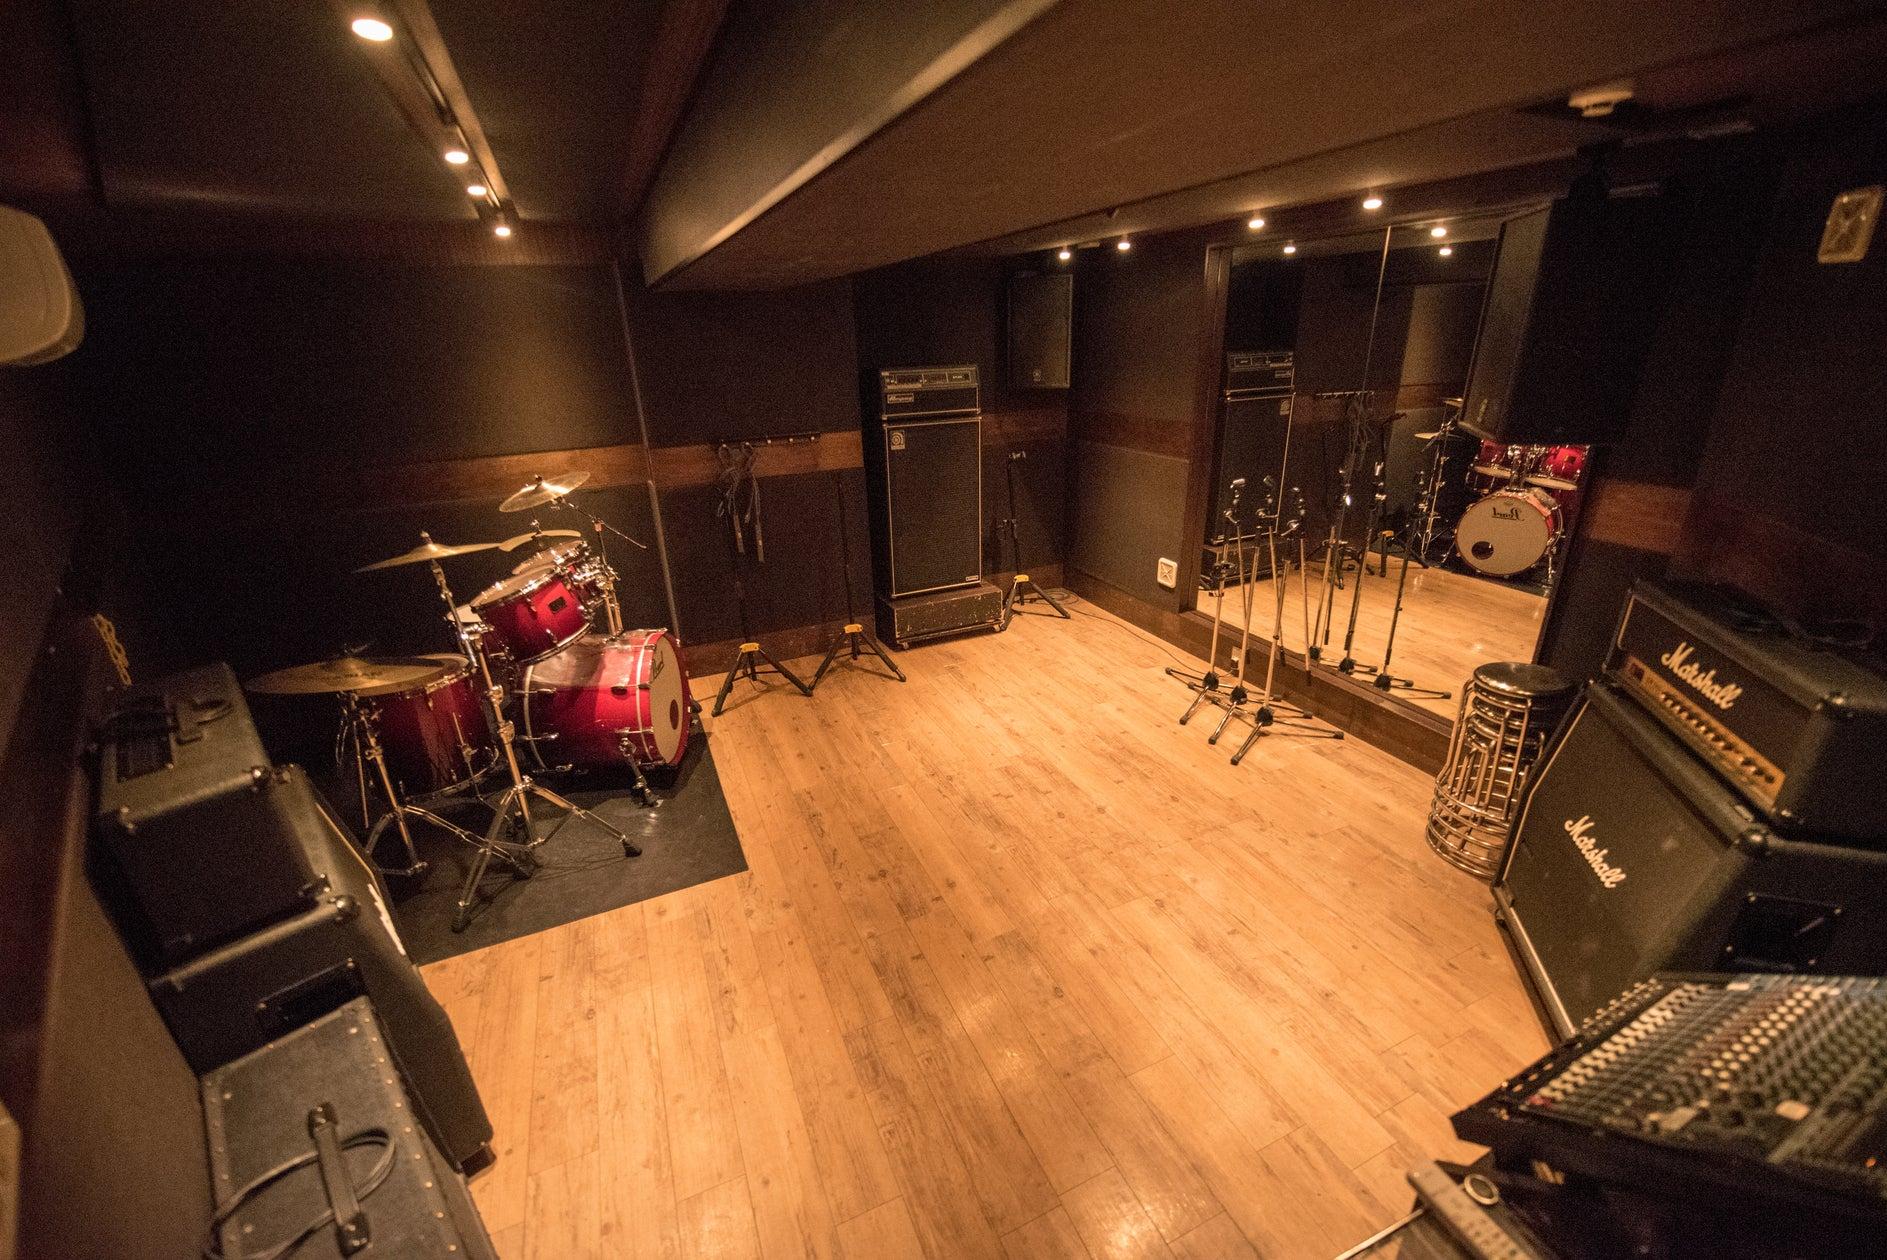 24時間営業・年中無休の音楽スタジオ!(sound studio PACKS 南浦和店 K4スタジオ) の写真0